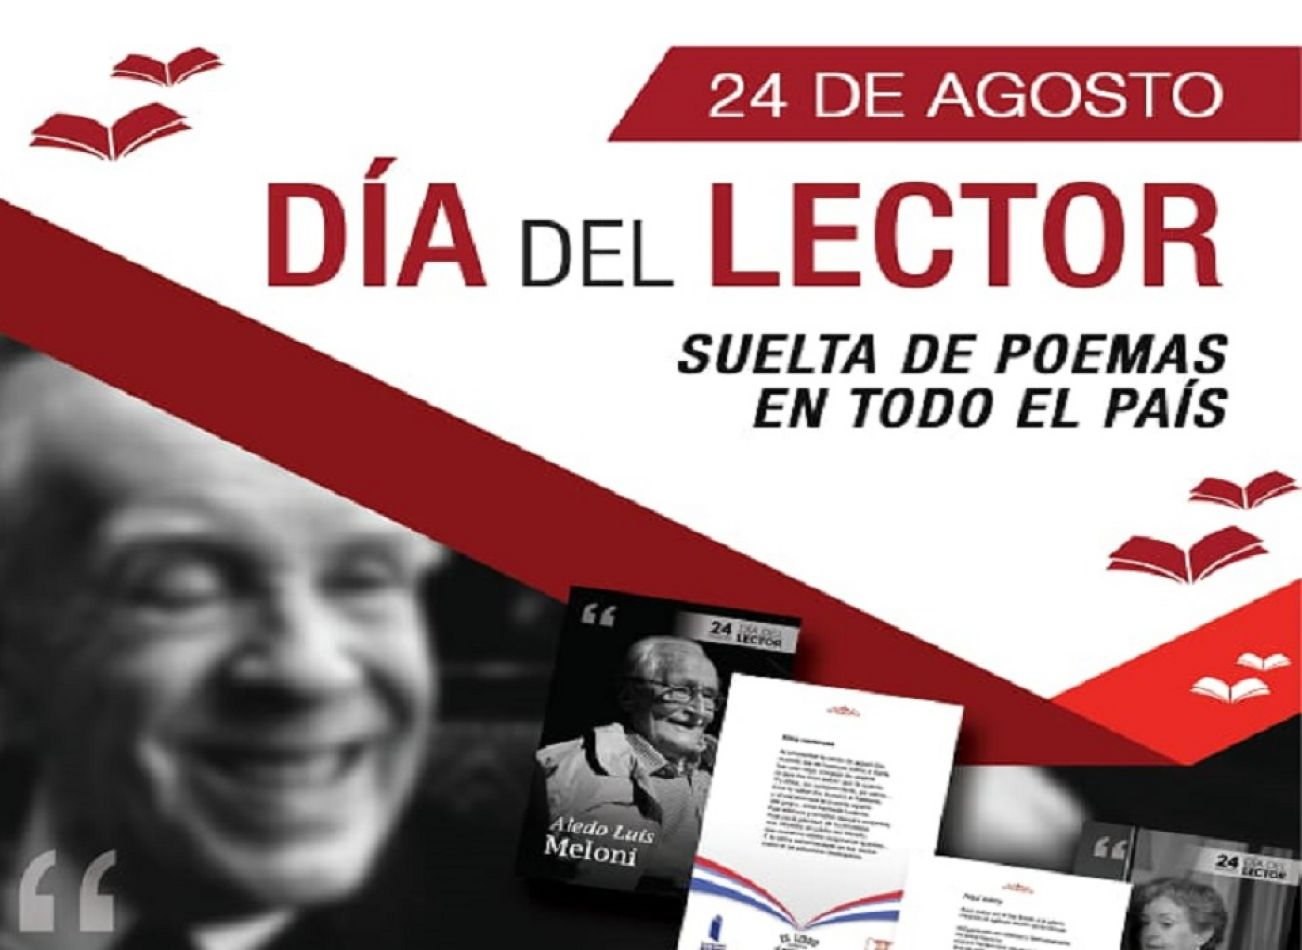 El CENT N°11 celebrará el Día del Lector.